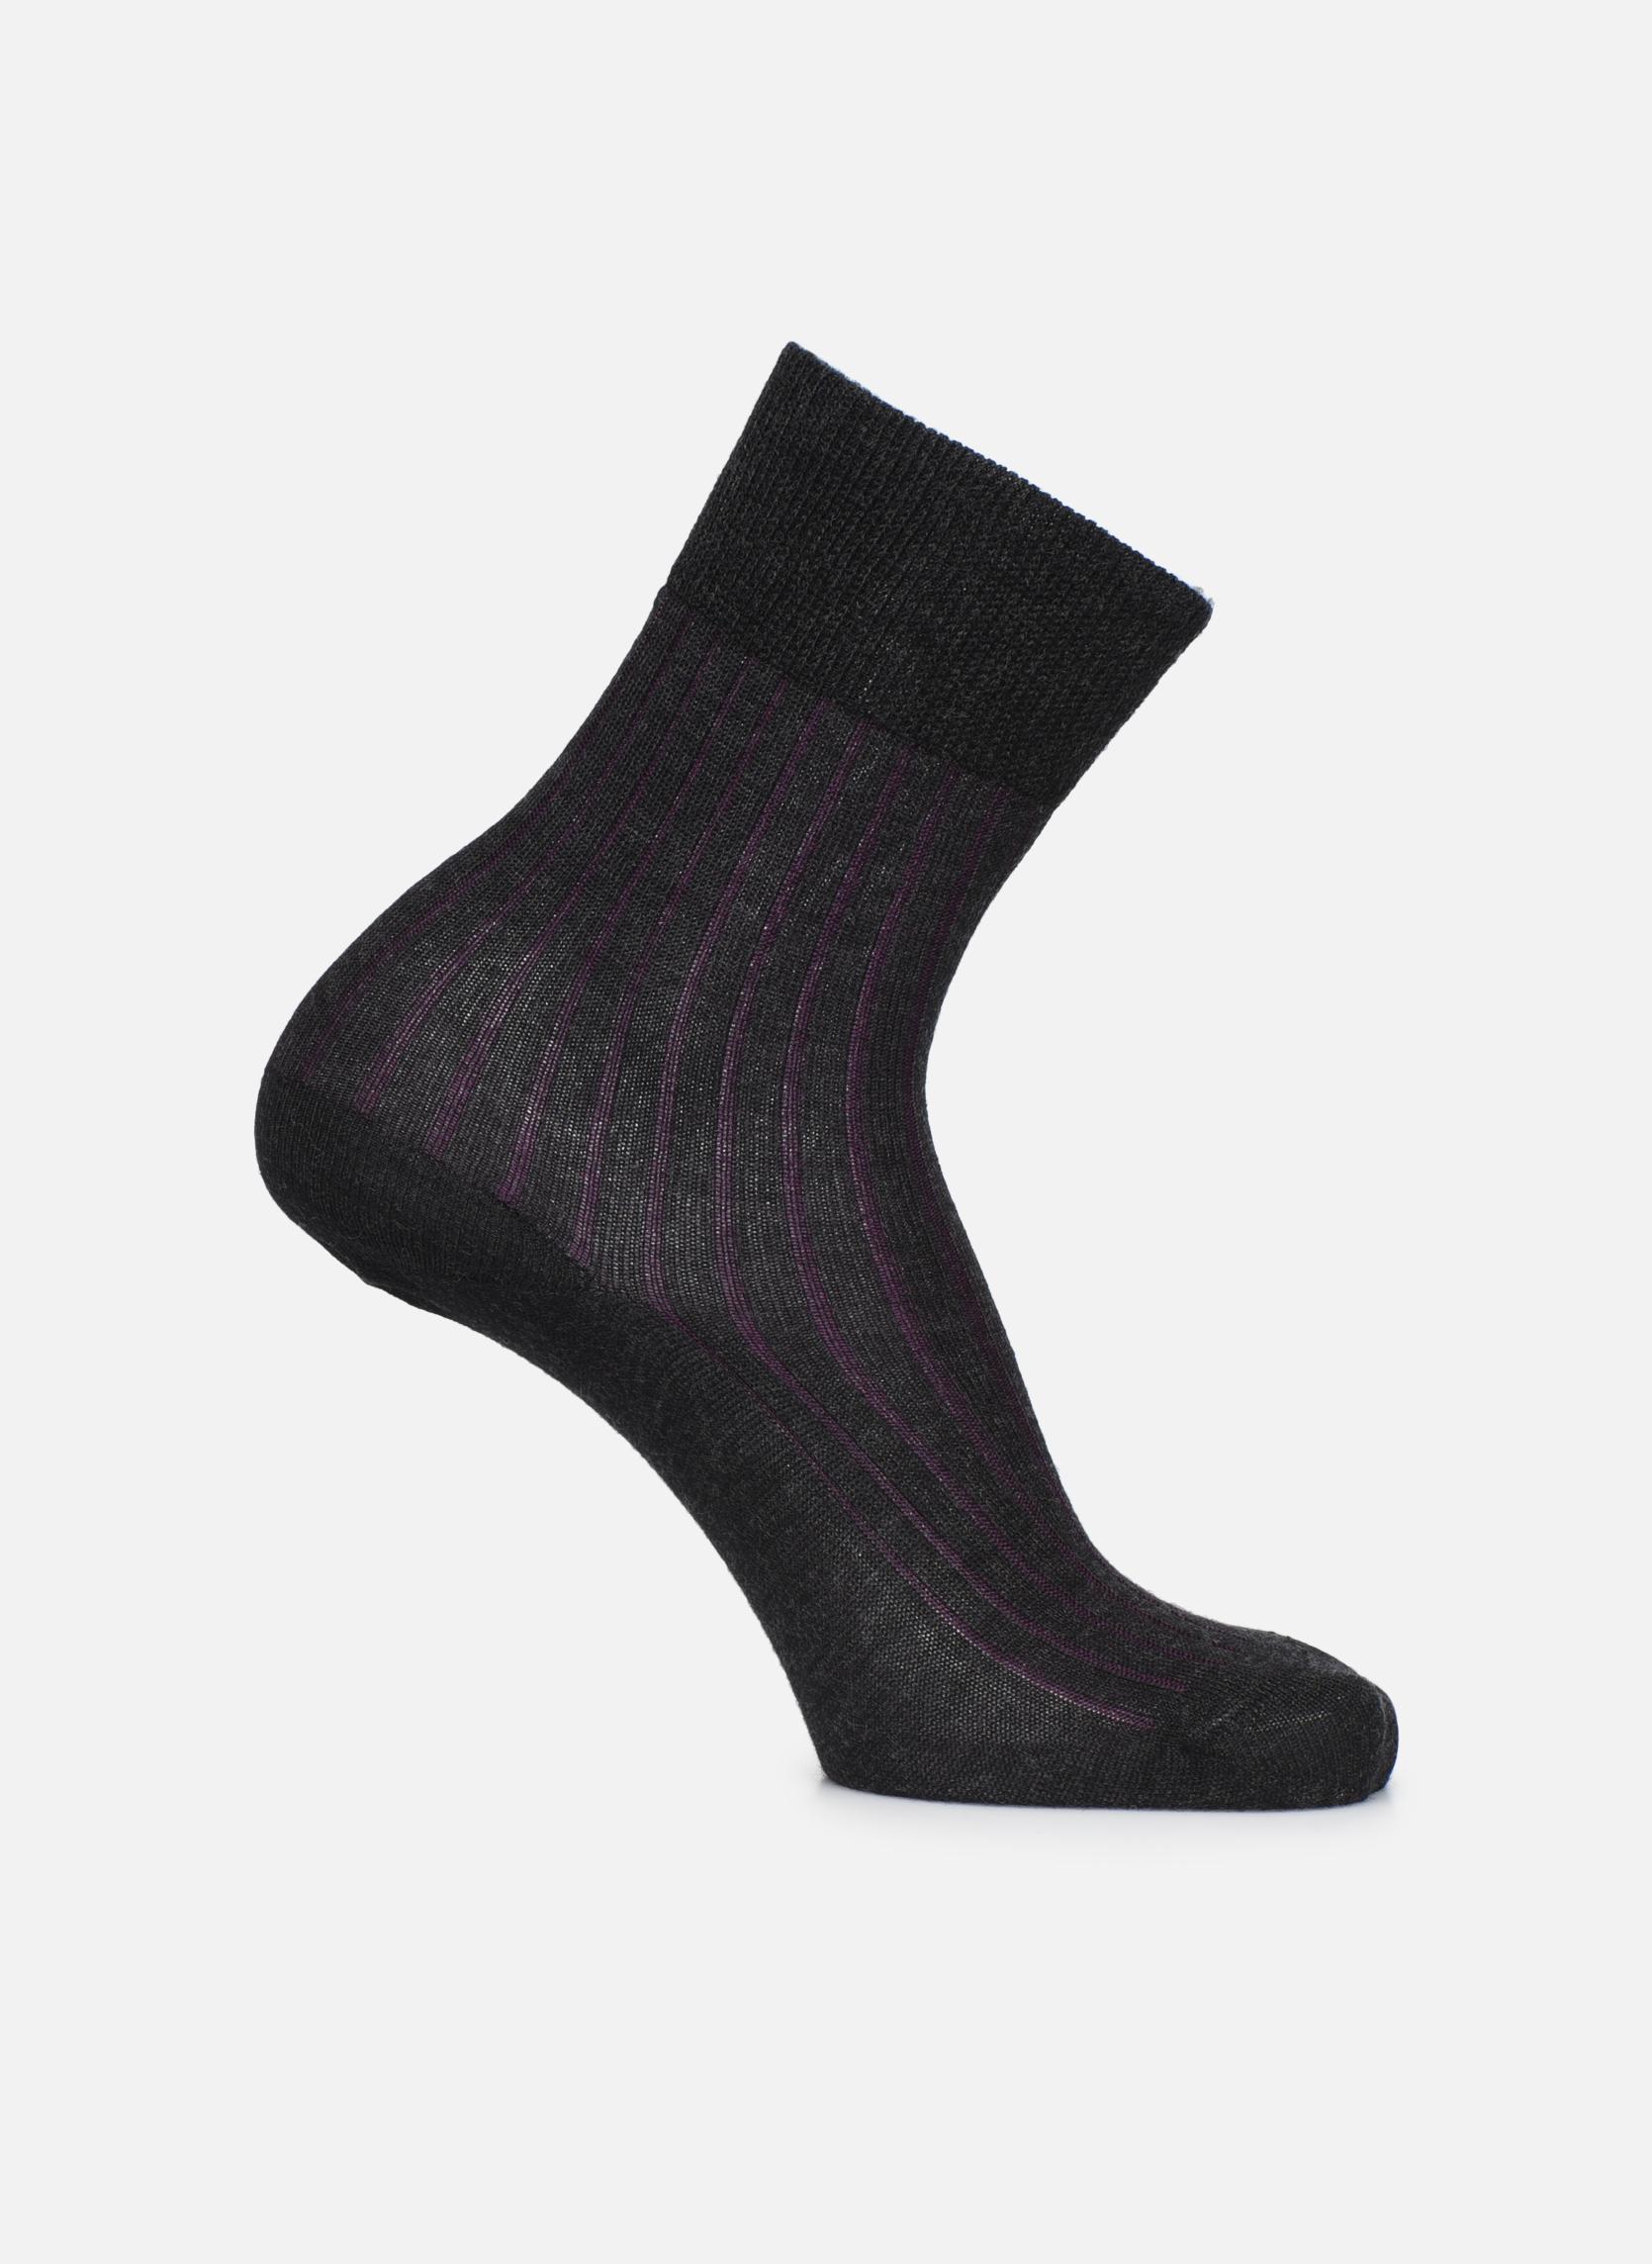 Socks & tights Accessories Socks SUBTILE